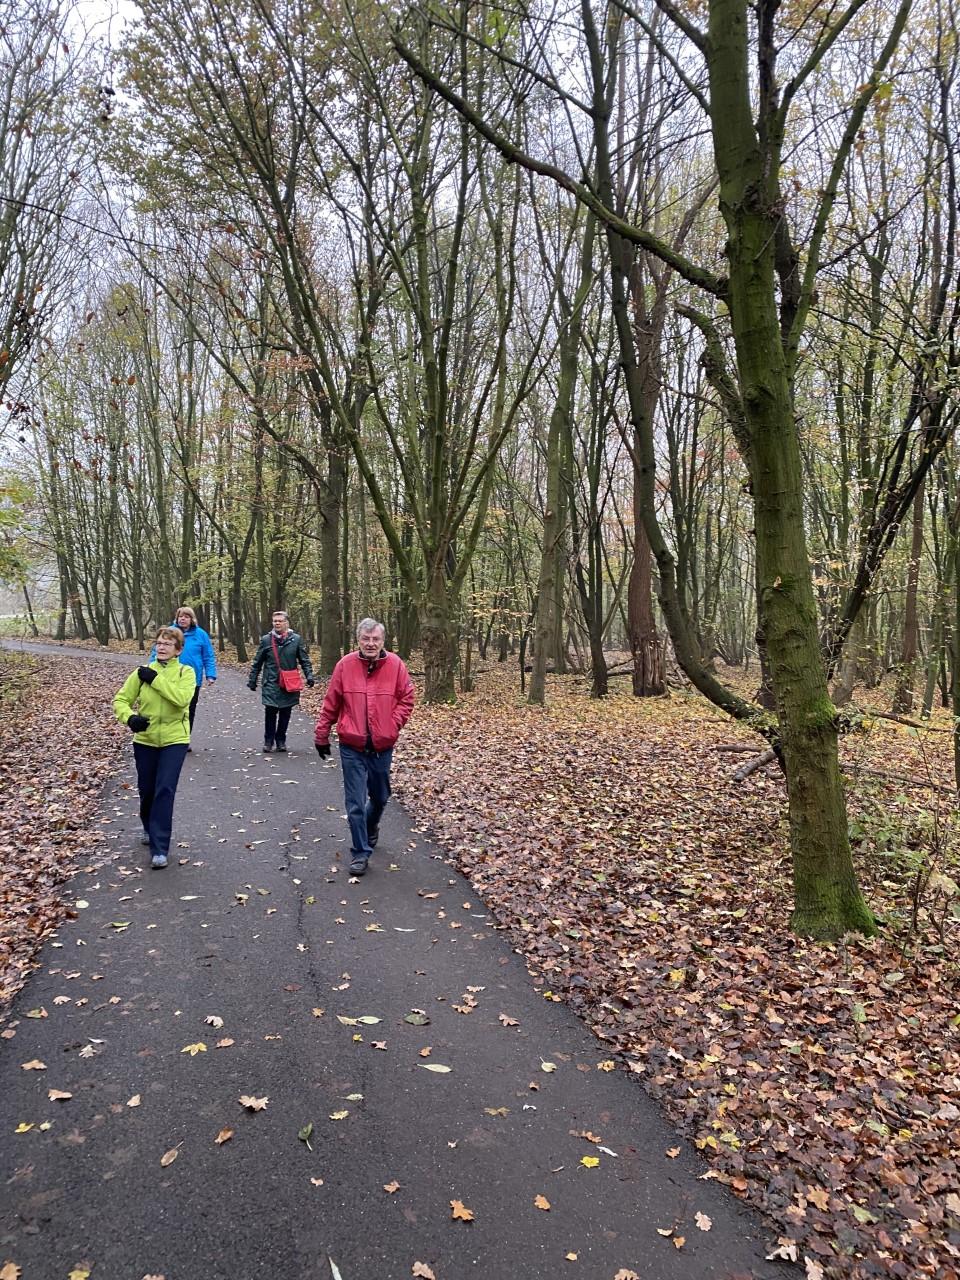 wandelaars in bos